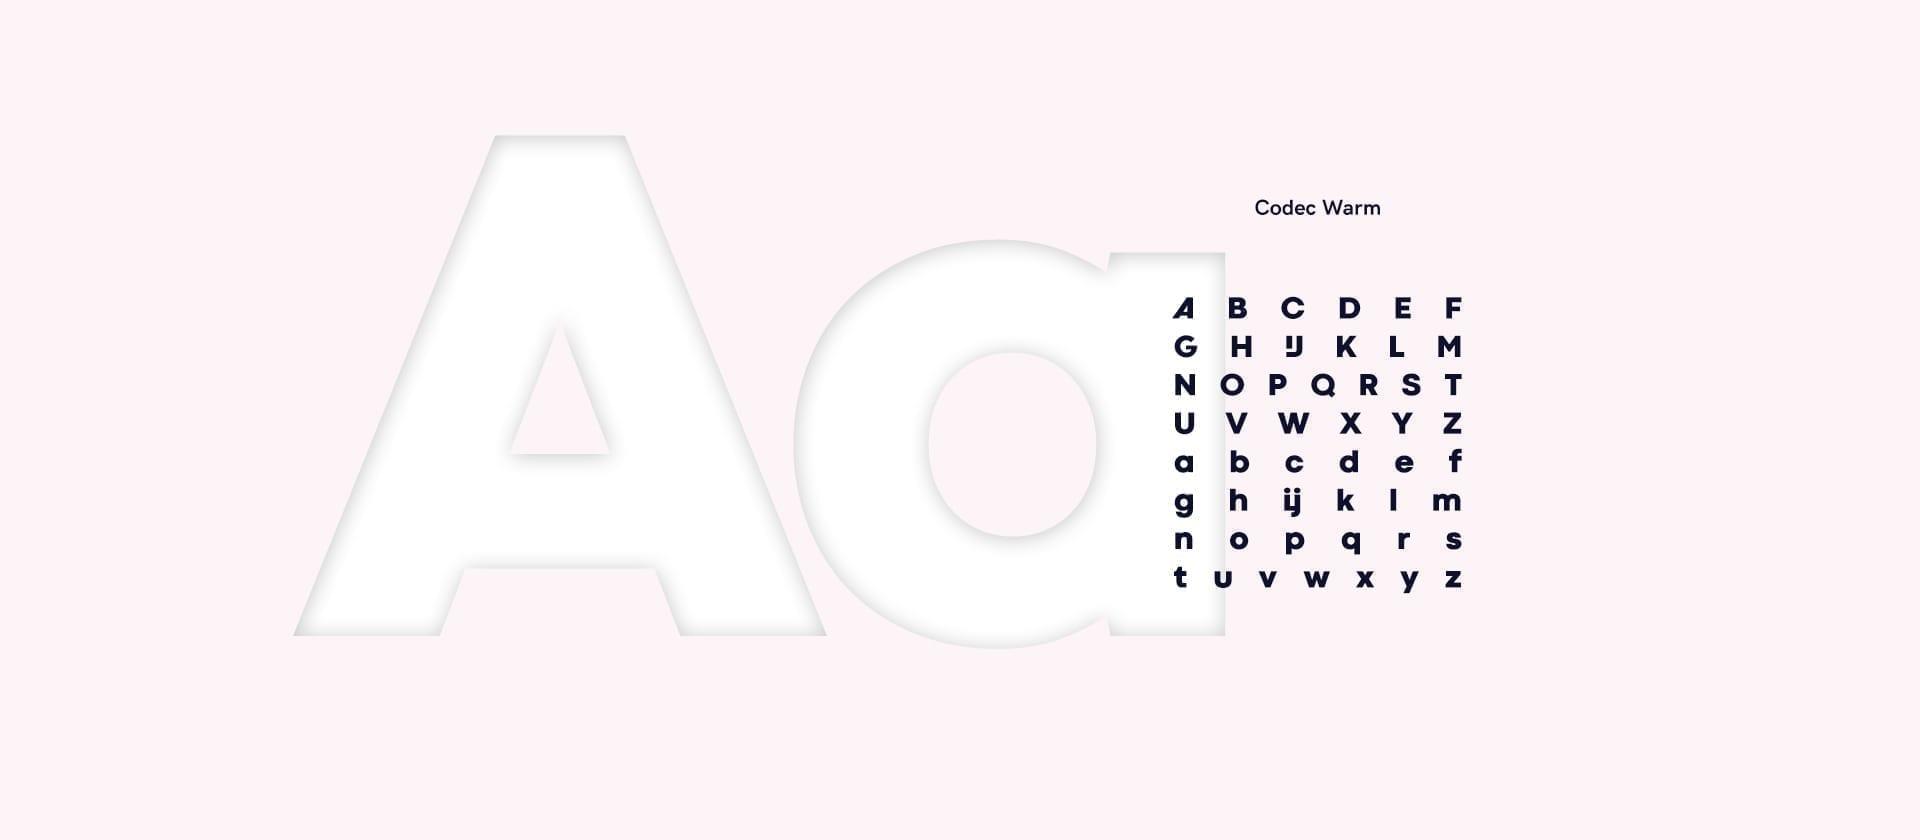 yplc-typography